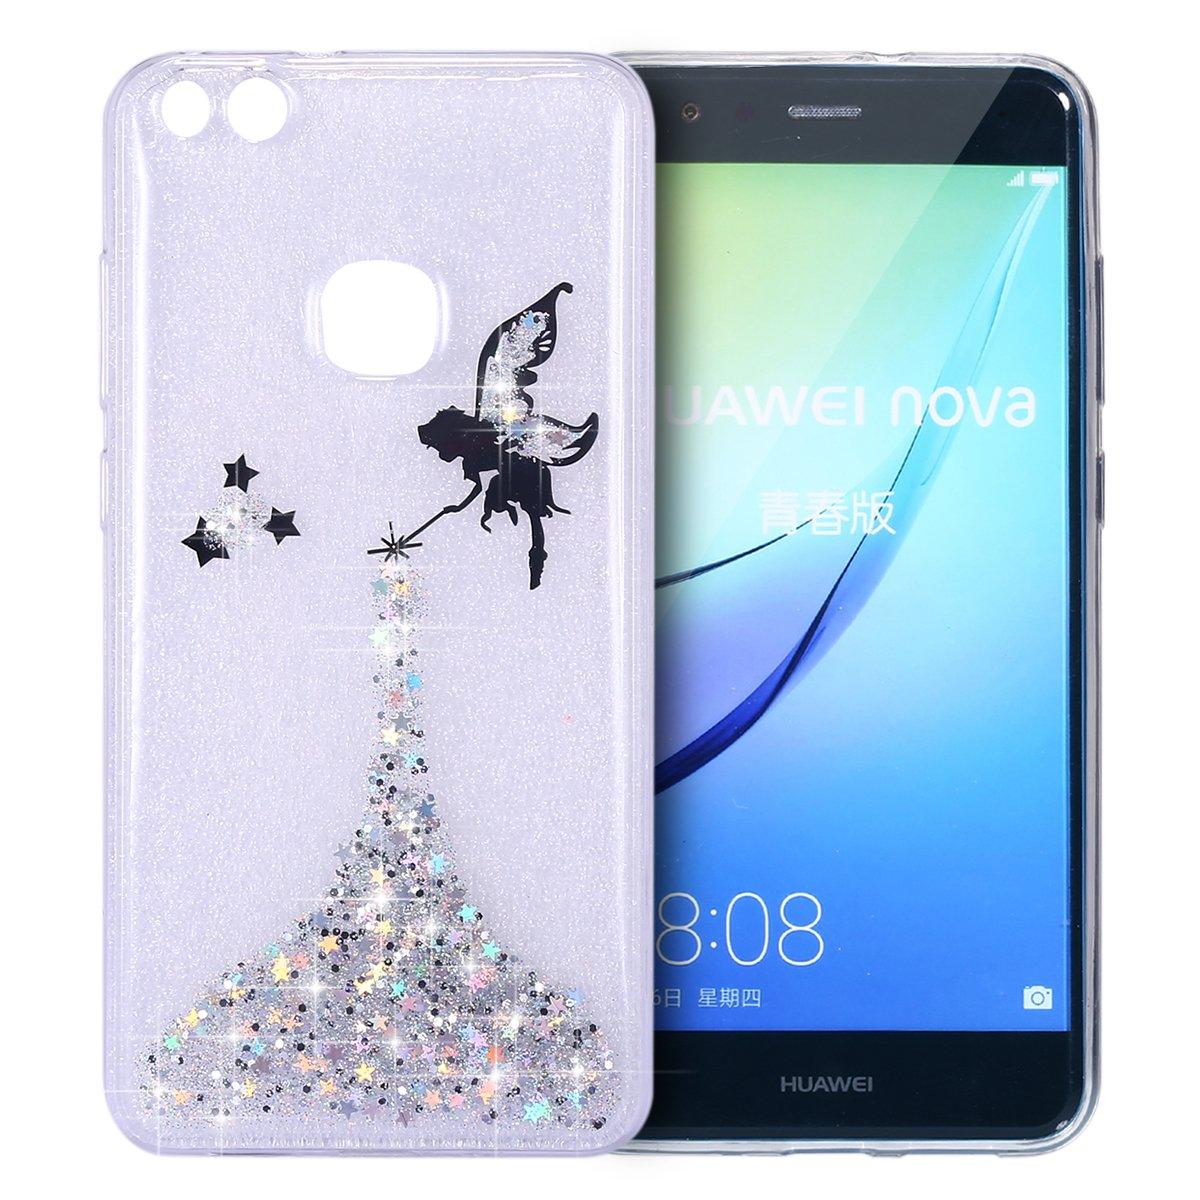 Ysimee Coque Compatible pour Huawei P10 Lite Bling Glitter Silicone Souple Etui Transparent avec Motif Ange Fille Paillette Brillante Housse Ultra Slim Case Doux Gel Coque de Téléphone,Ange Argent